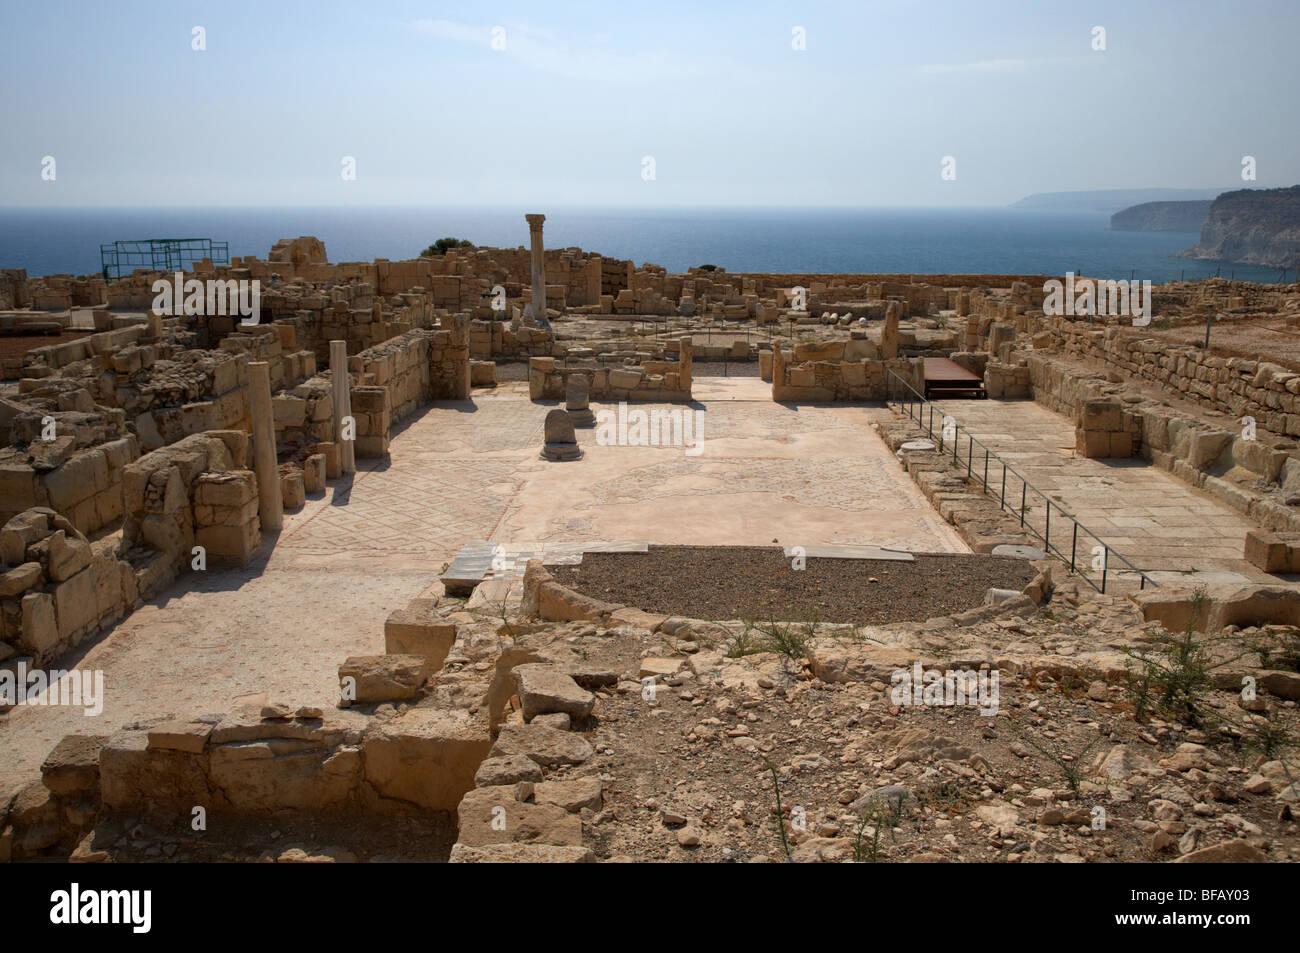 b9da19a9ddfee8 Agora forum romain à kourion, république de Chypre Europe Banque D ...